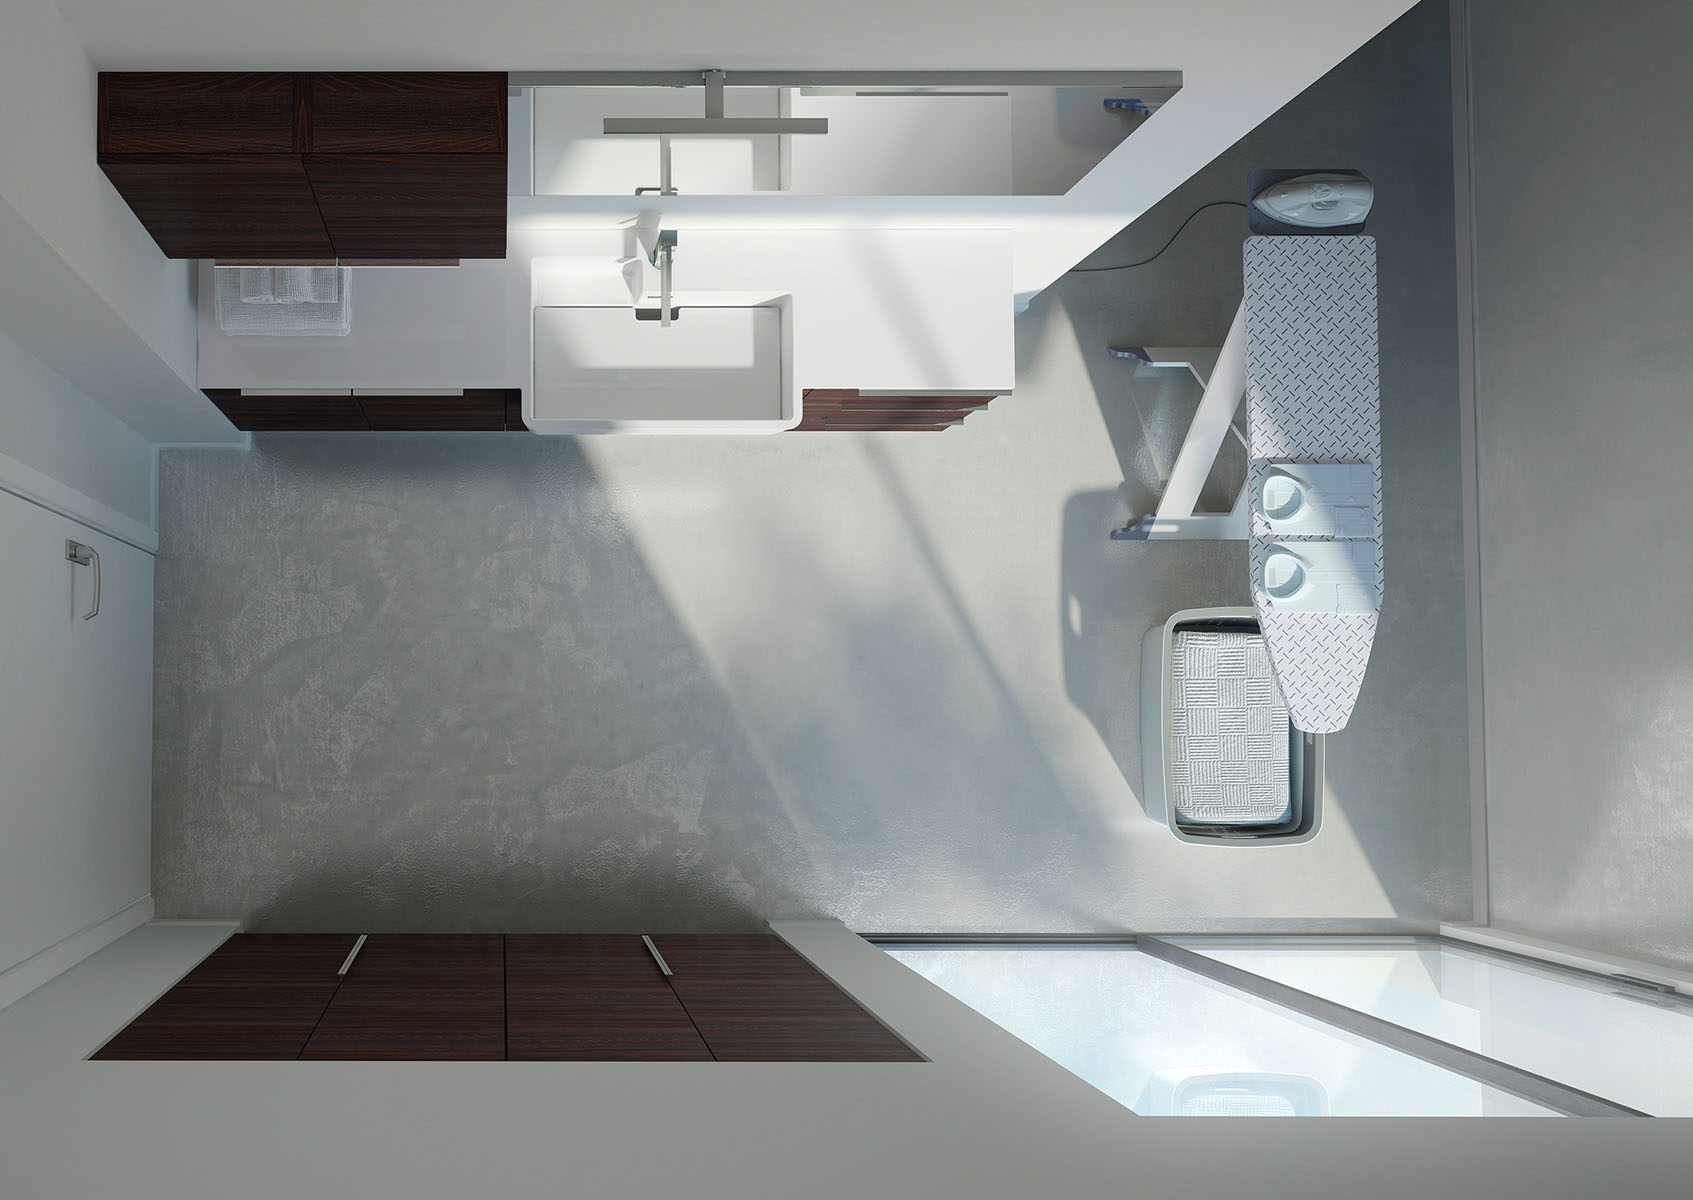 Armadio A Muro Bagno.Gli Accessori Irrinunciabili Per Un Bagno Lavanderia Ideagroup Blog